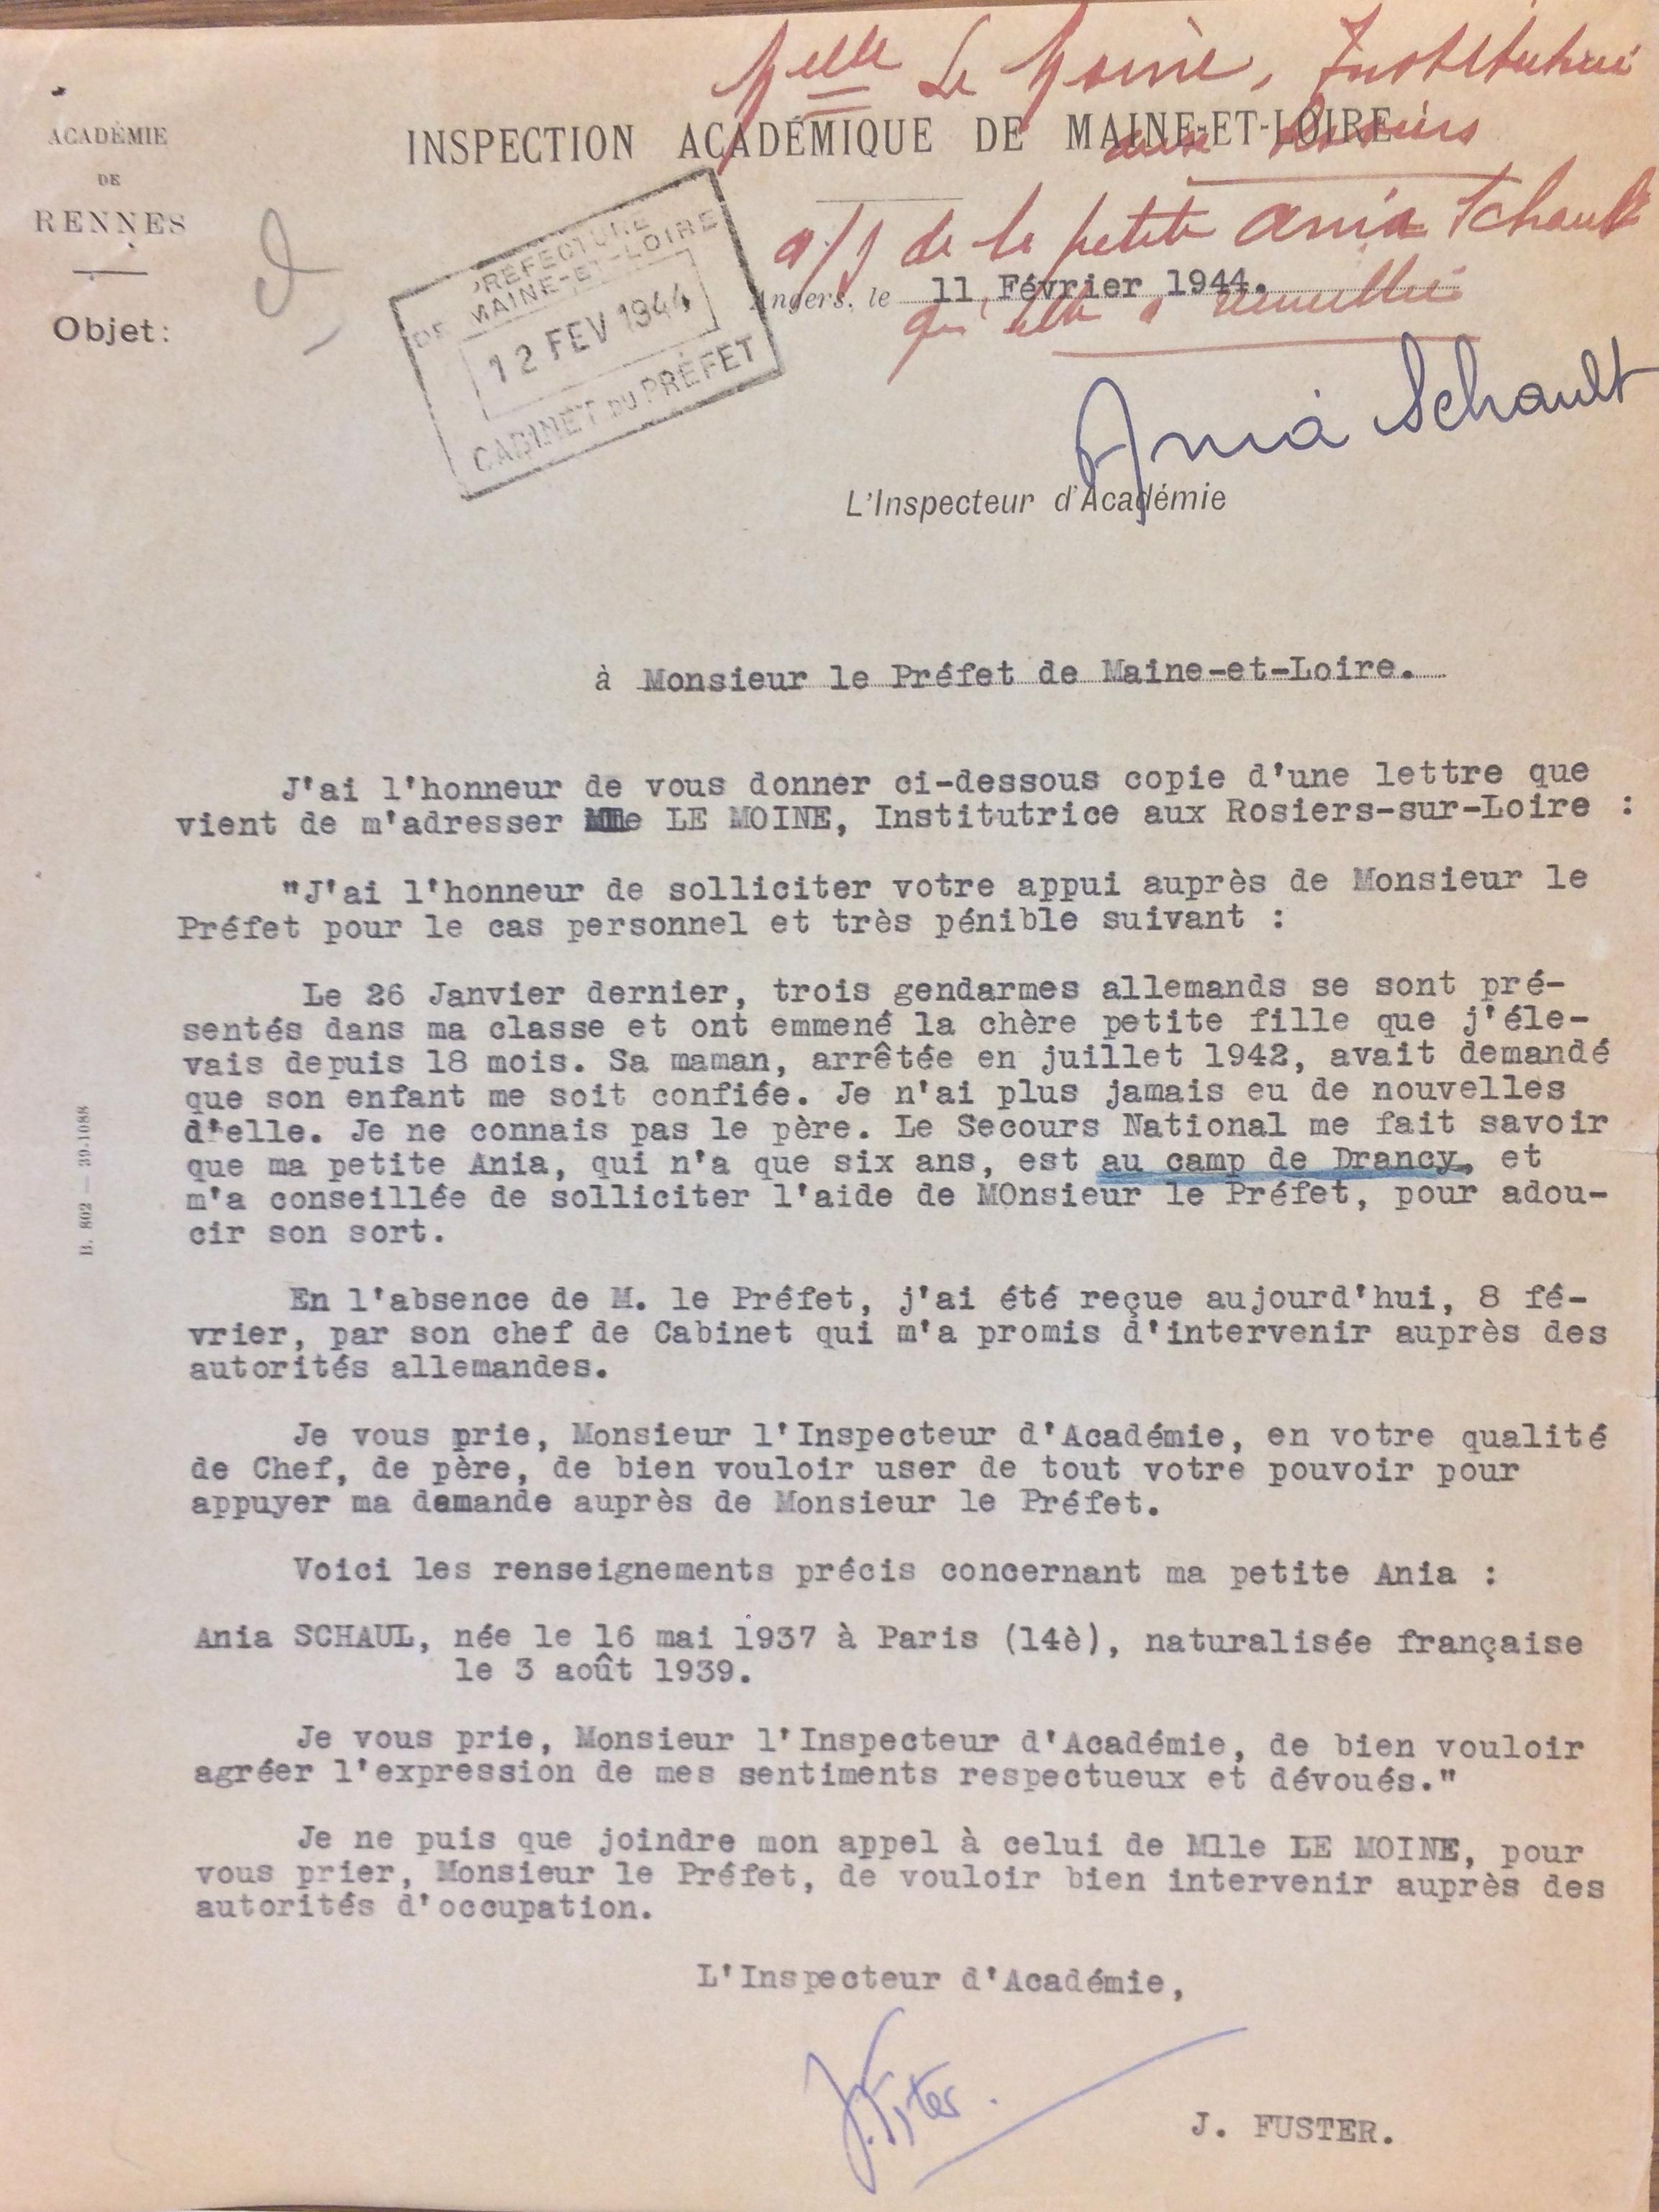 Lettre de J. Fuster, inspecteur d'académie au Préfet du Maine-et-Loire [ADML 303W294]